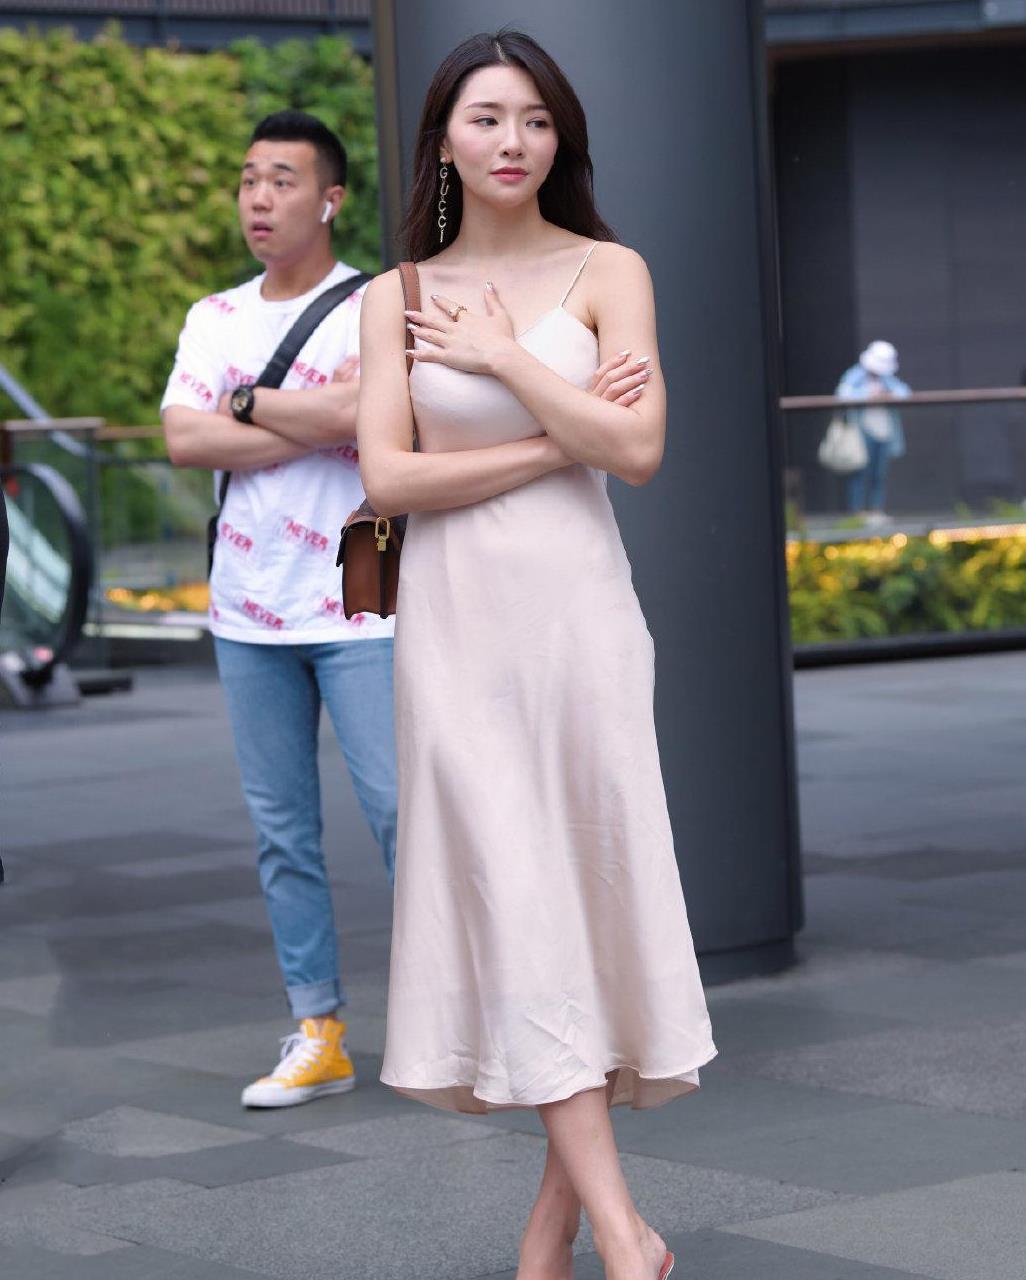 轻熟风吊带连衣裙,香槟色尽显高级感,优雅大方,又显气场十足